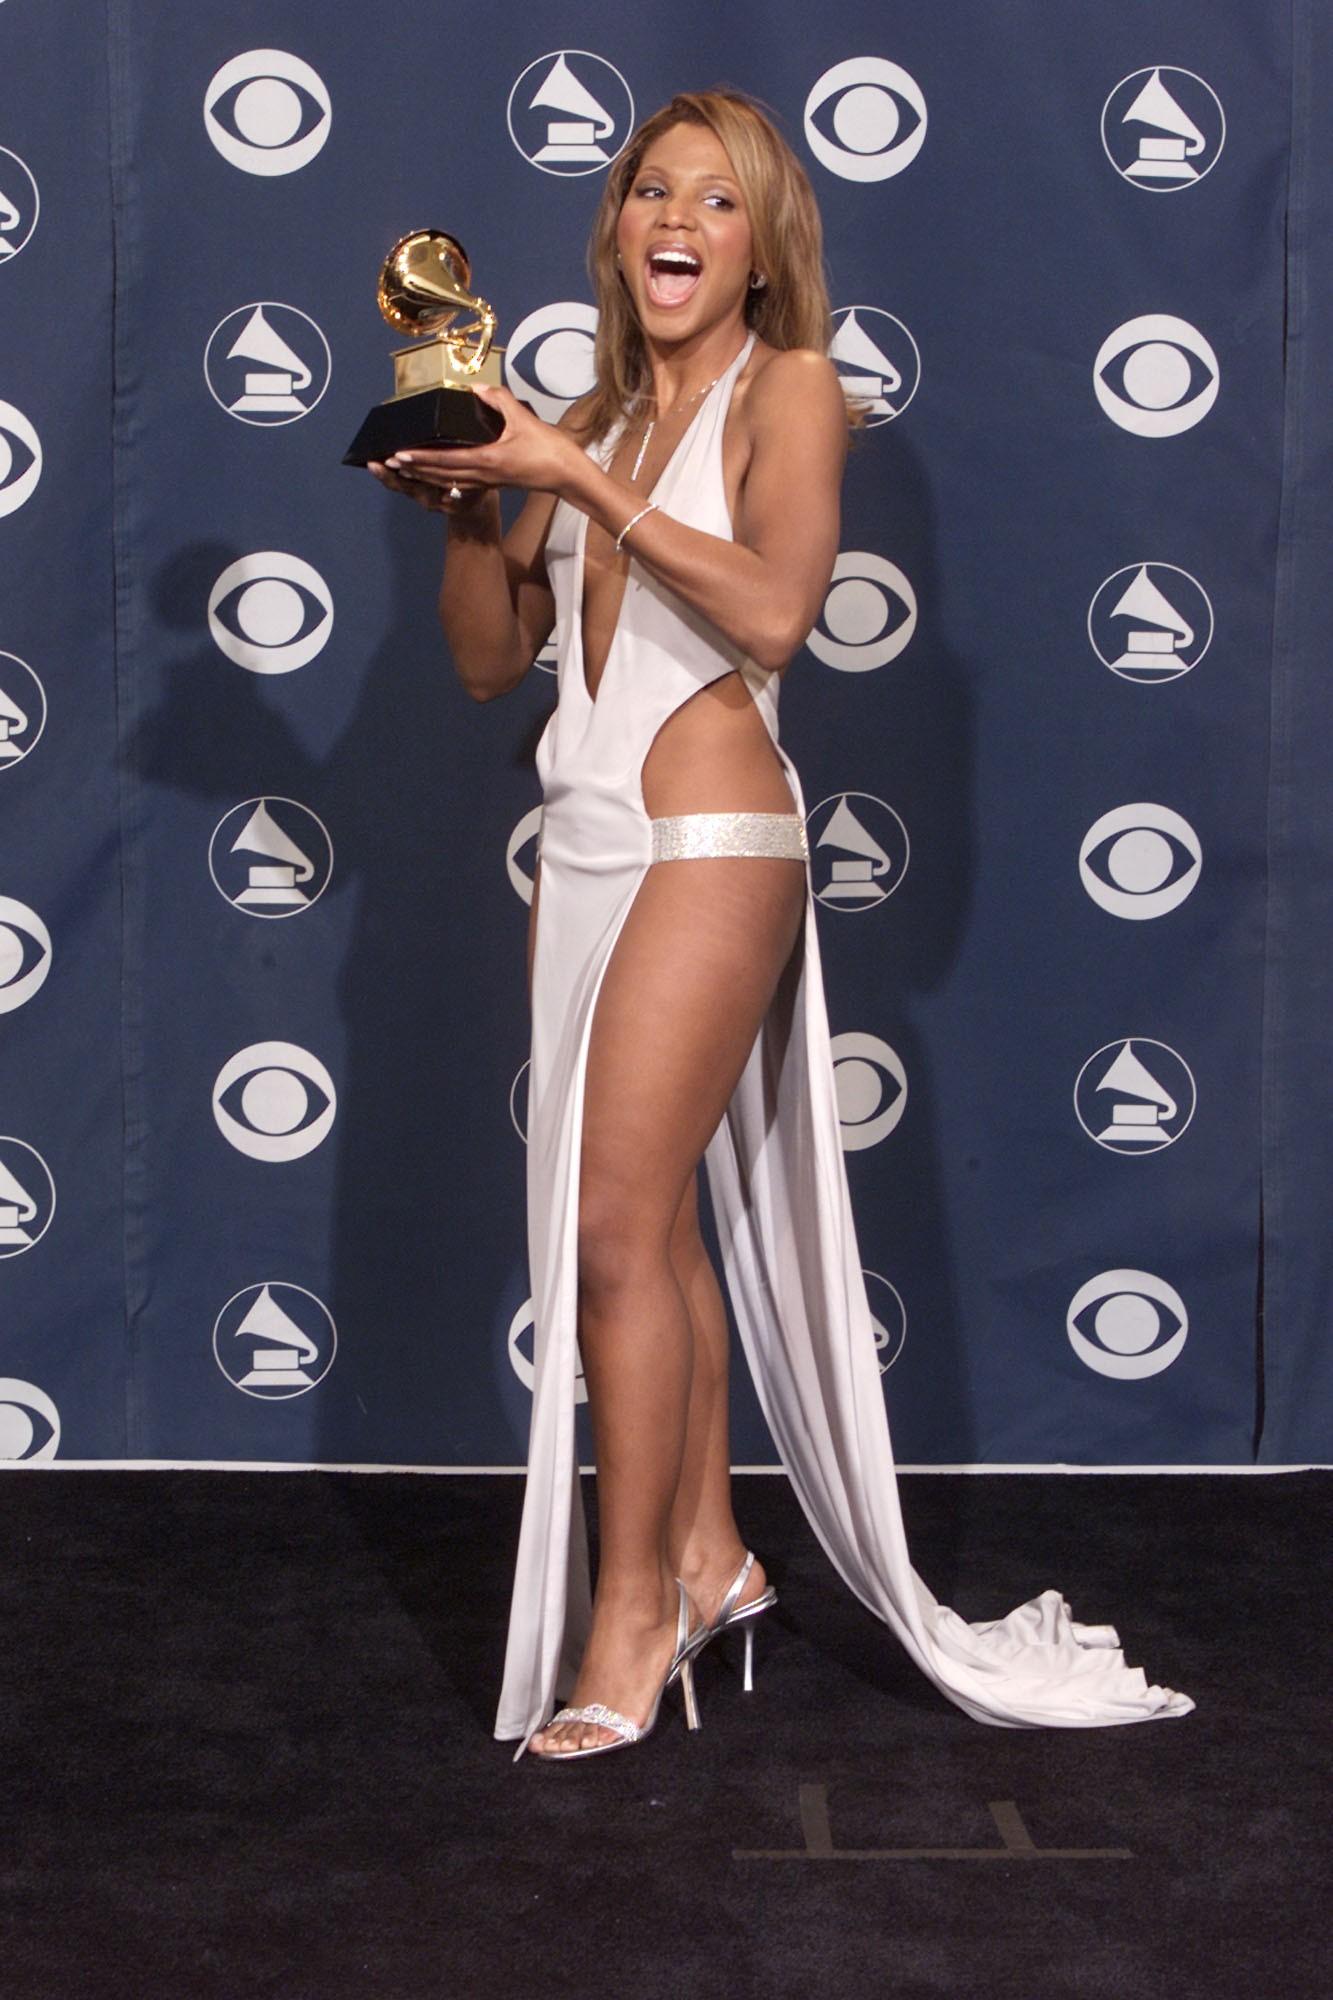 A cantora Toni Braxton deve ter sentido frio na premiação de 2001. (Foto: Getty Images)